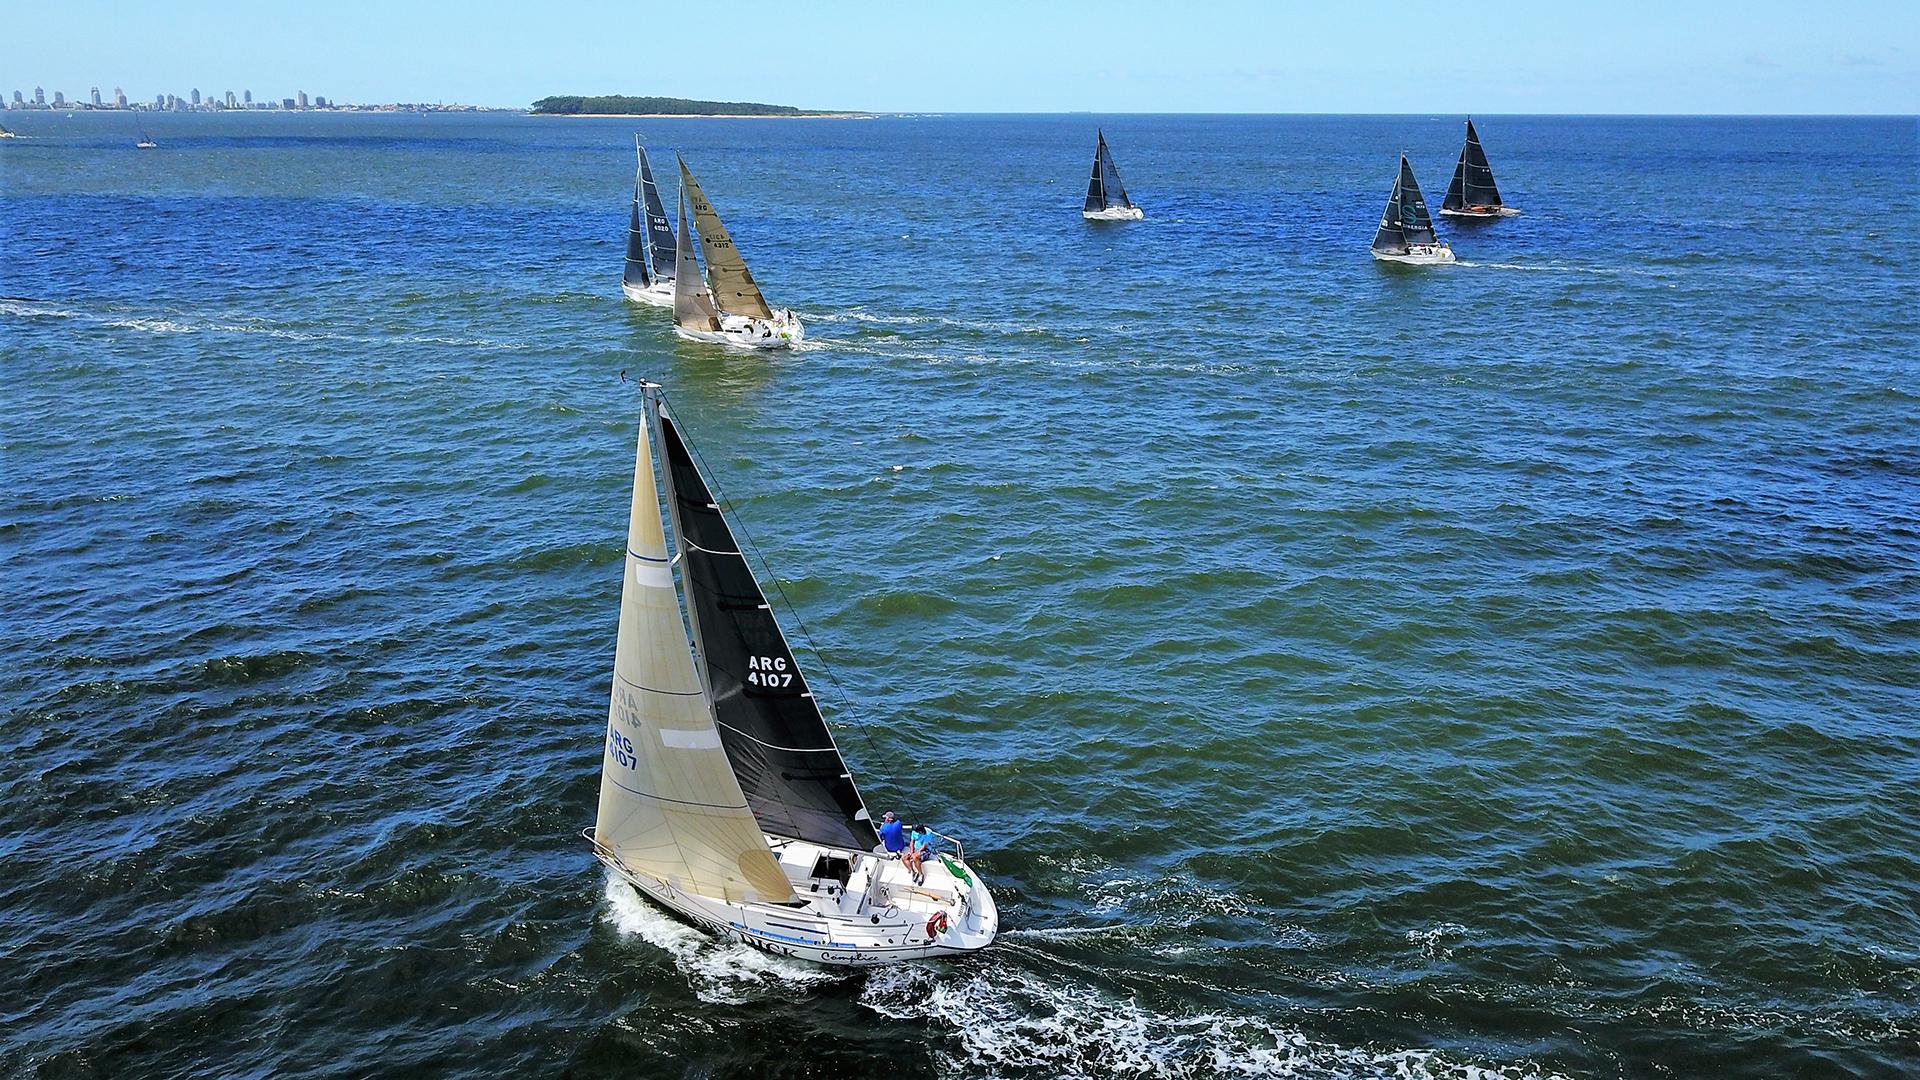 El número de inscriptos llegó a 78 barcos repartidos entre las fórmulas ORC Internacional, ORC Club, IRC y Clase J70. Hay embarcaciones de cinco países diferentes: barcos uruguayos, argentinos, brasileños, una tripulación australiana y una tripulación estadounidense